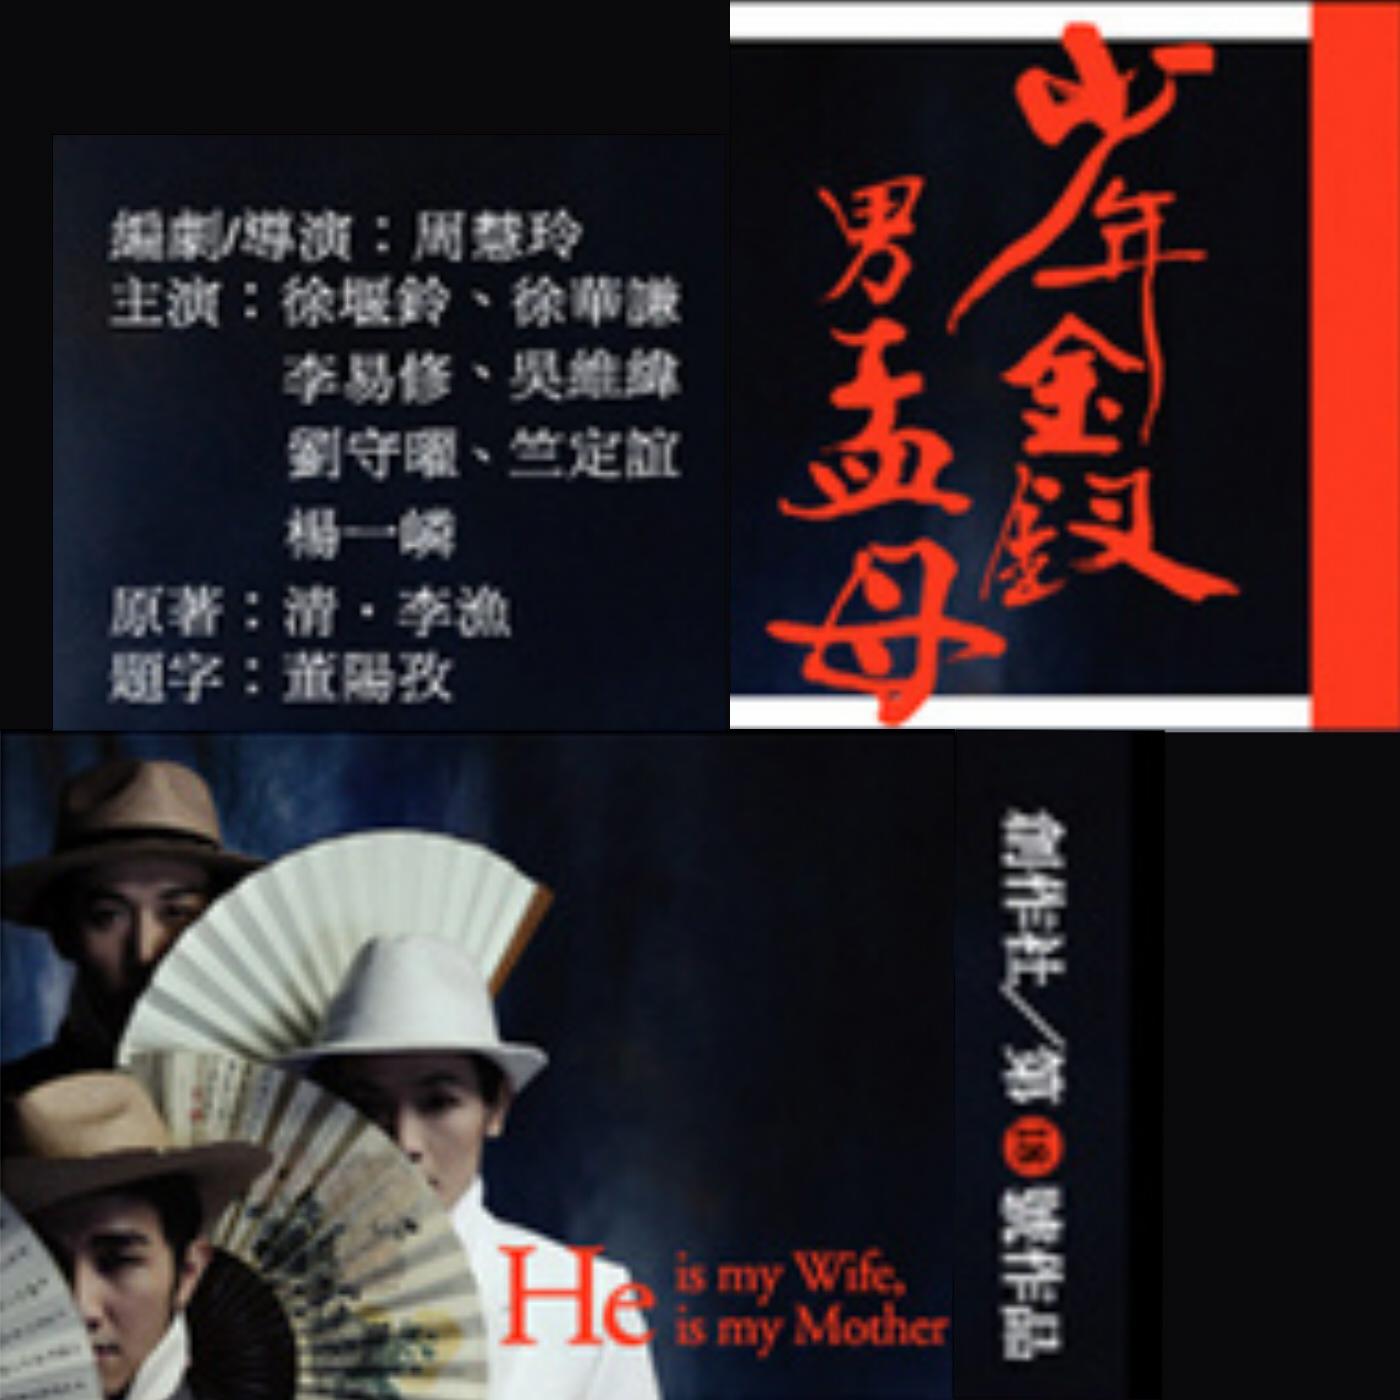 小眾開書第十六集-周慧玲《少年金釵男孟母》:「媽媽」是爸爸?原來300年前就有人在探討多元成家?!